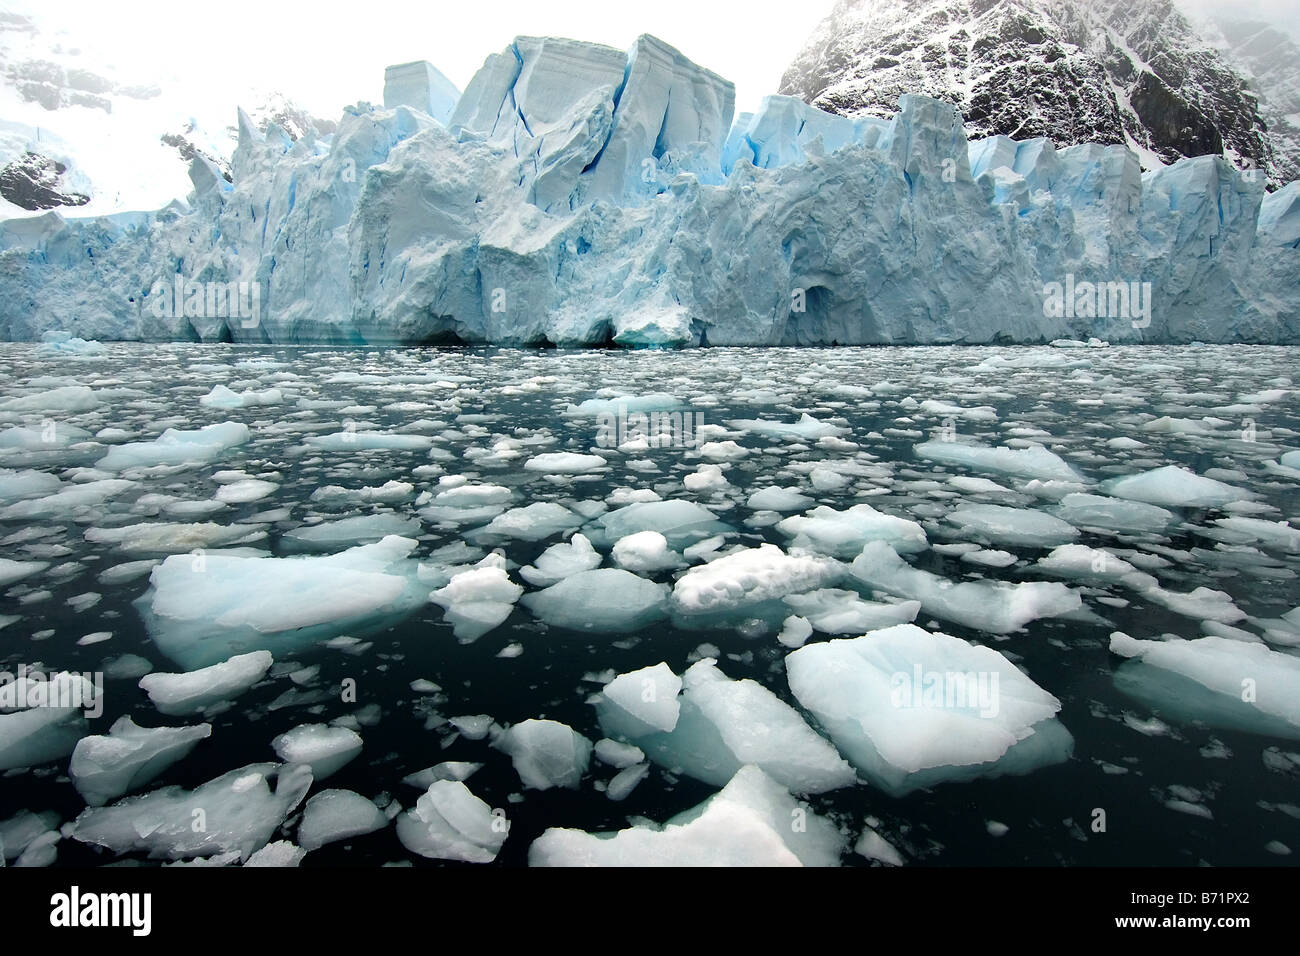 El glaciar de la Antártida, lugar remoto lugar salvaje, frío, hielo, nieve, bloques de hielo Imagen De Stock